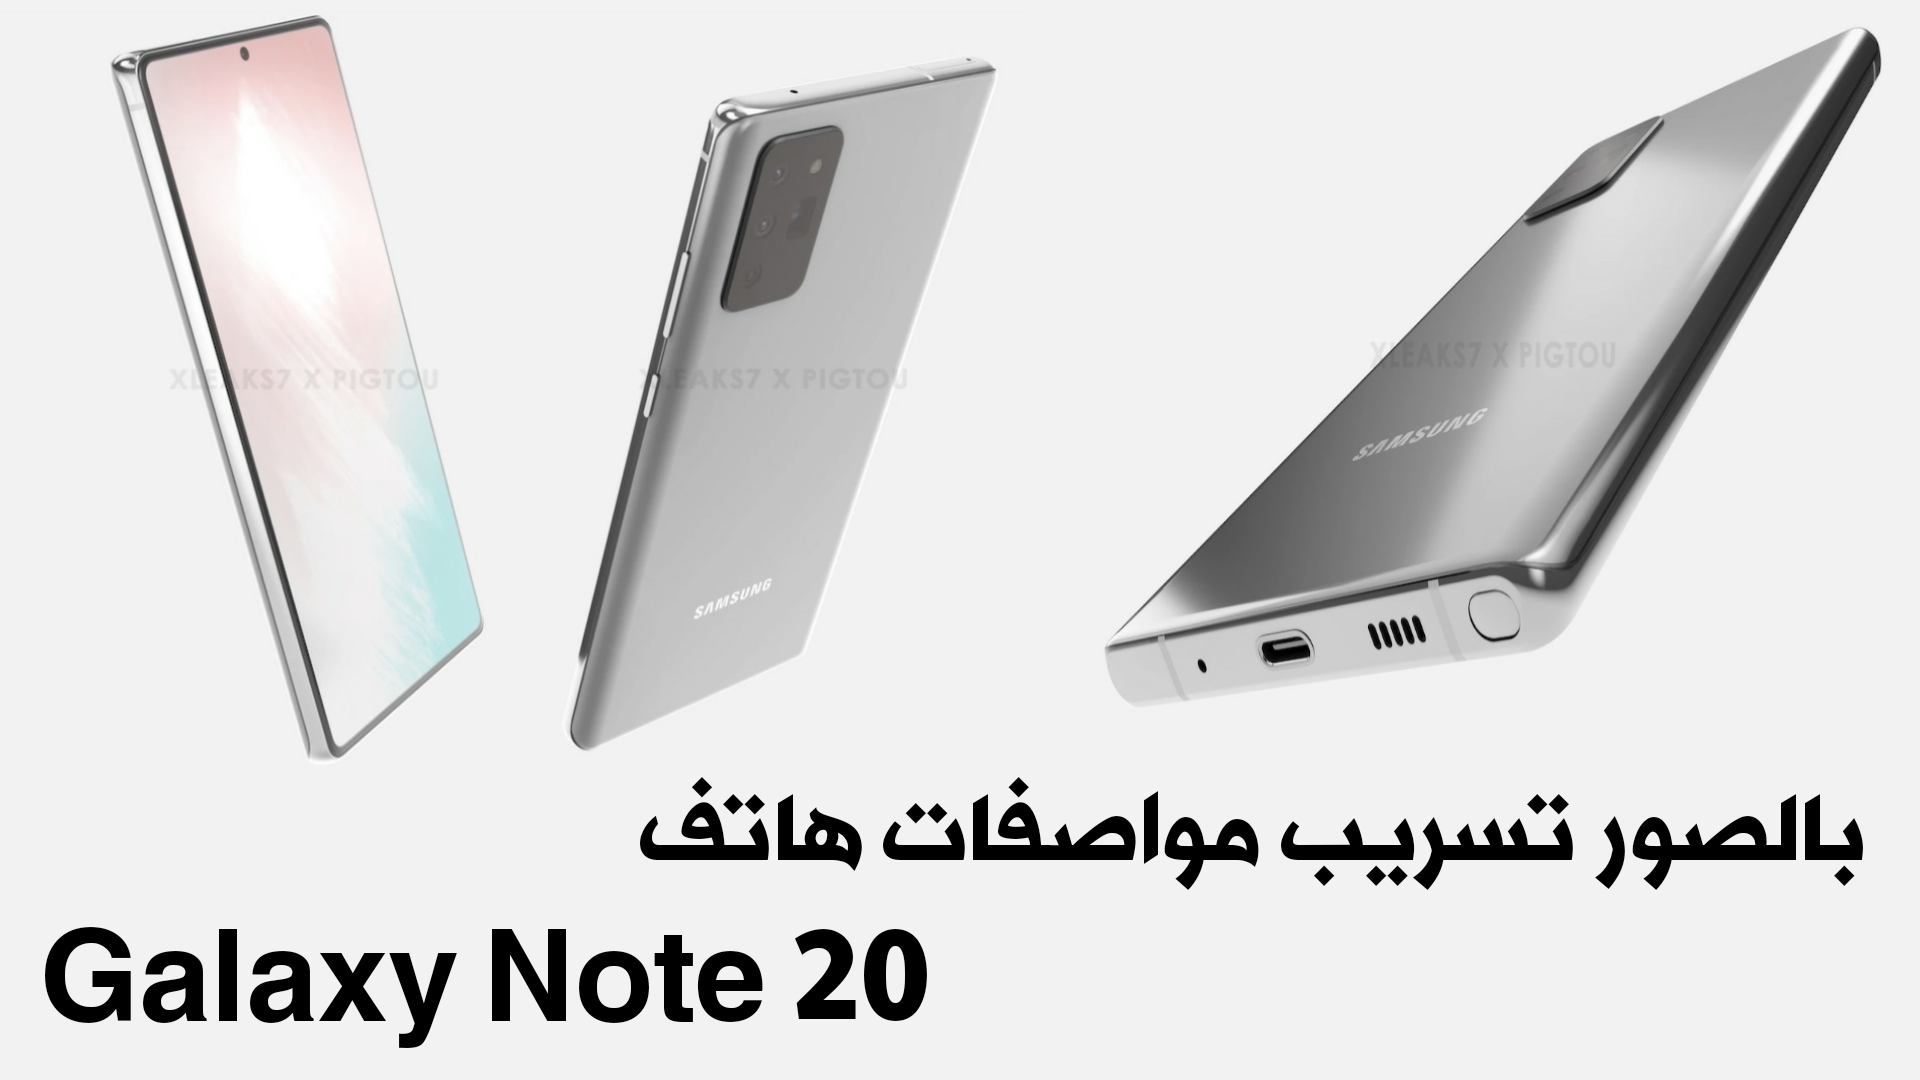 بالصور تسريب مواصفات هاتف Galaxy Note 20 القادم ! تعرف عليها قبل الجميع !